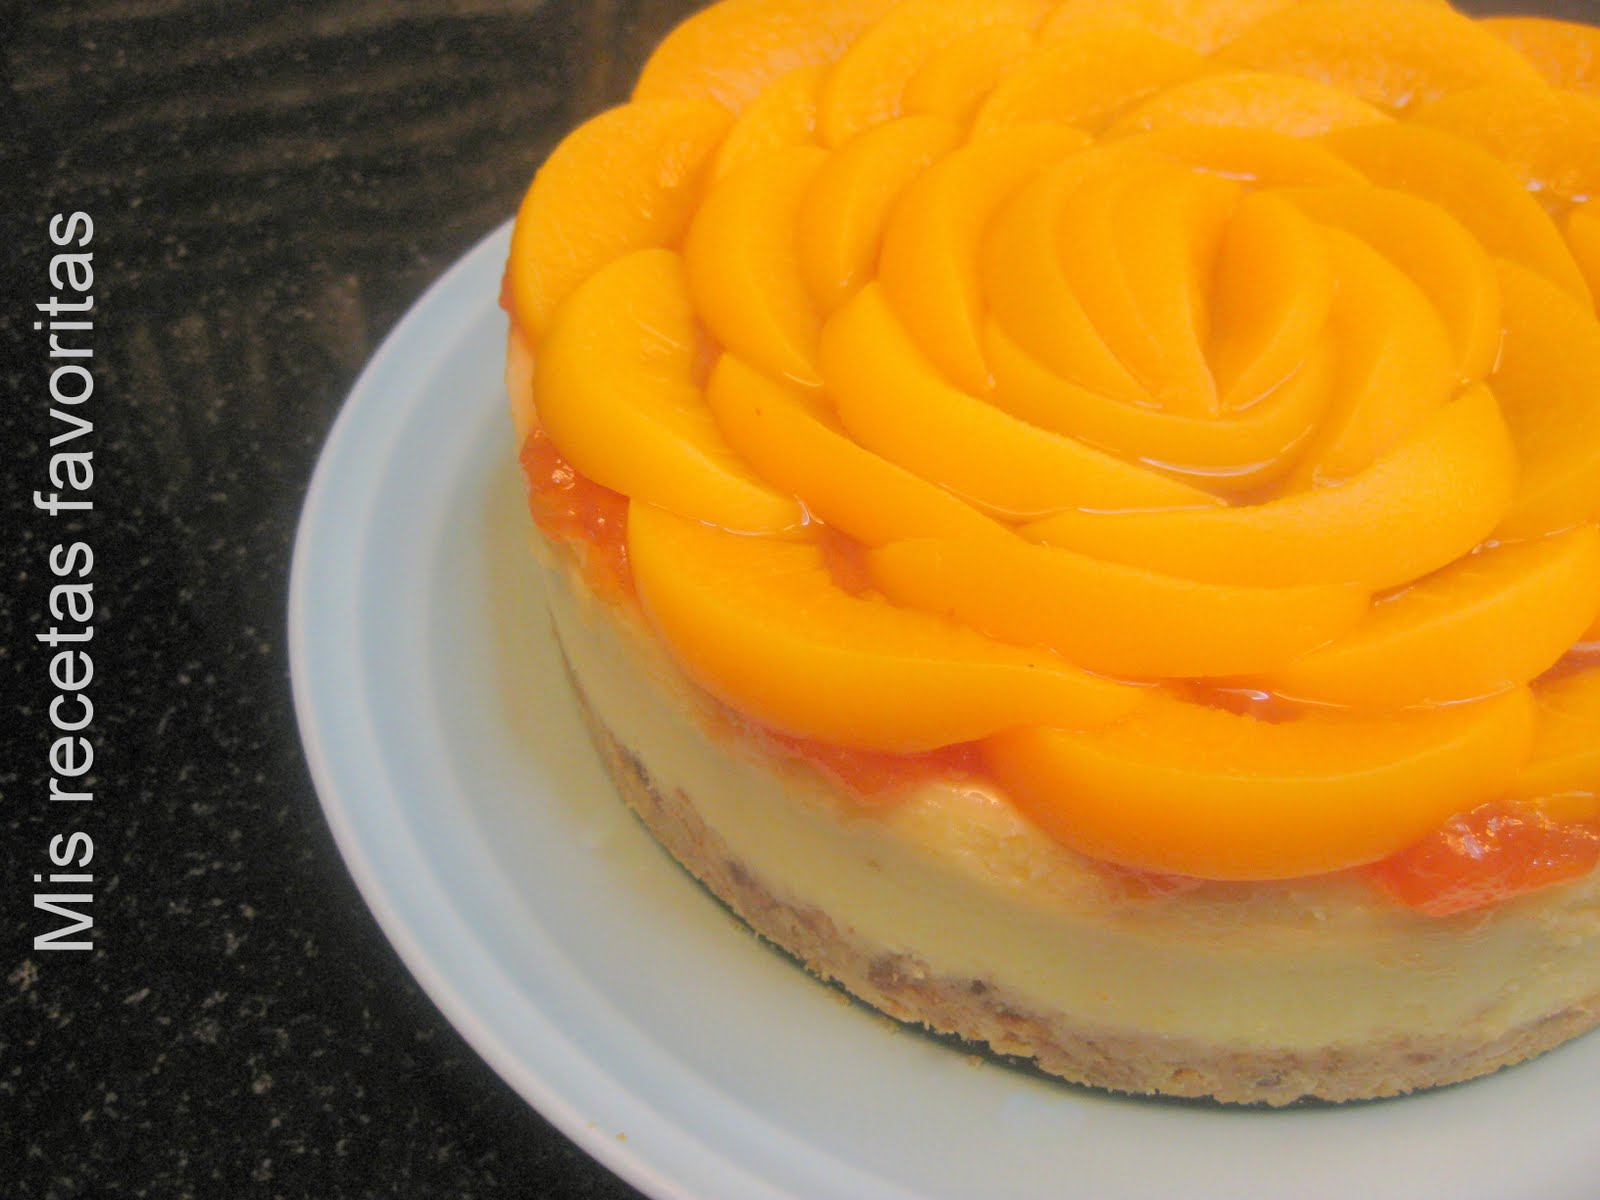 Baño Para Torta Sencillo: recetas favoritas: Cheesecake cremoso de mascarpone con melocotones